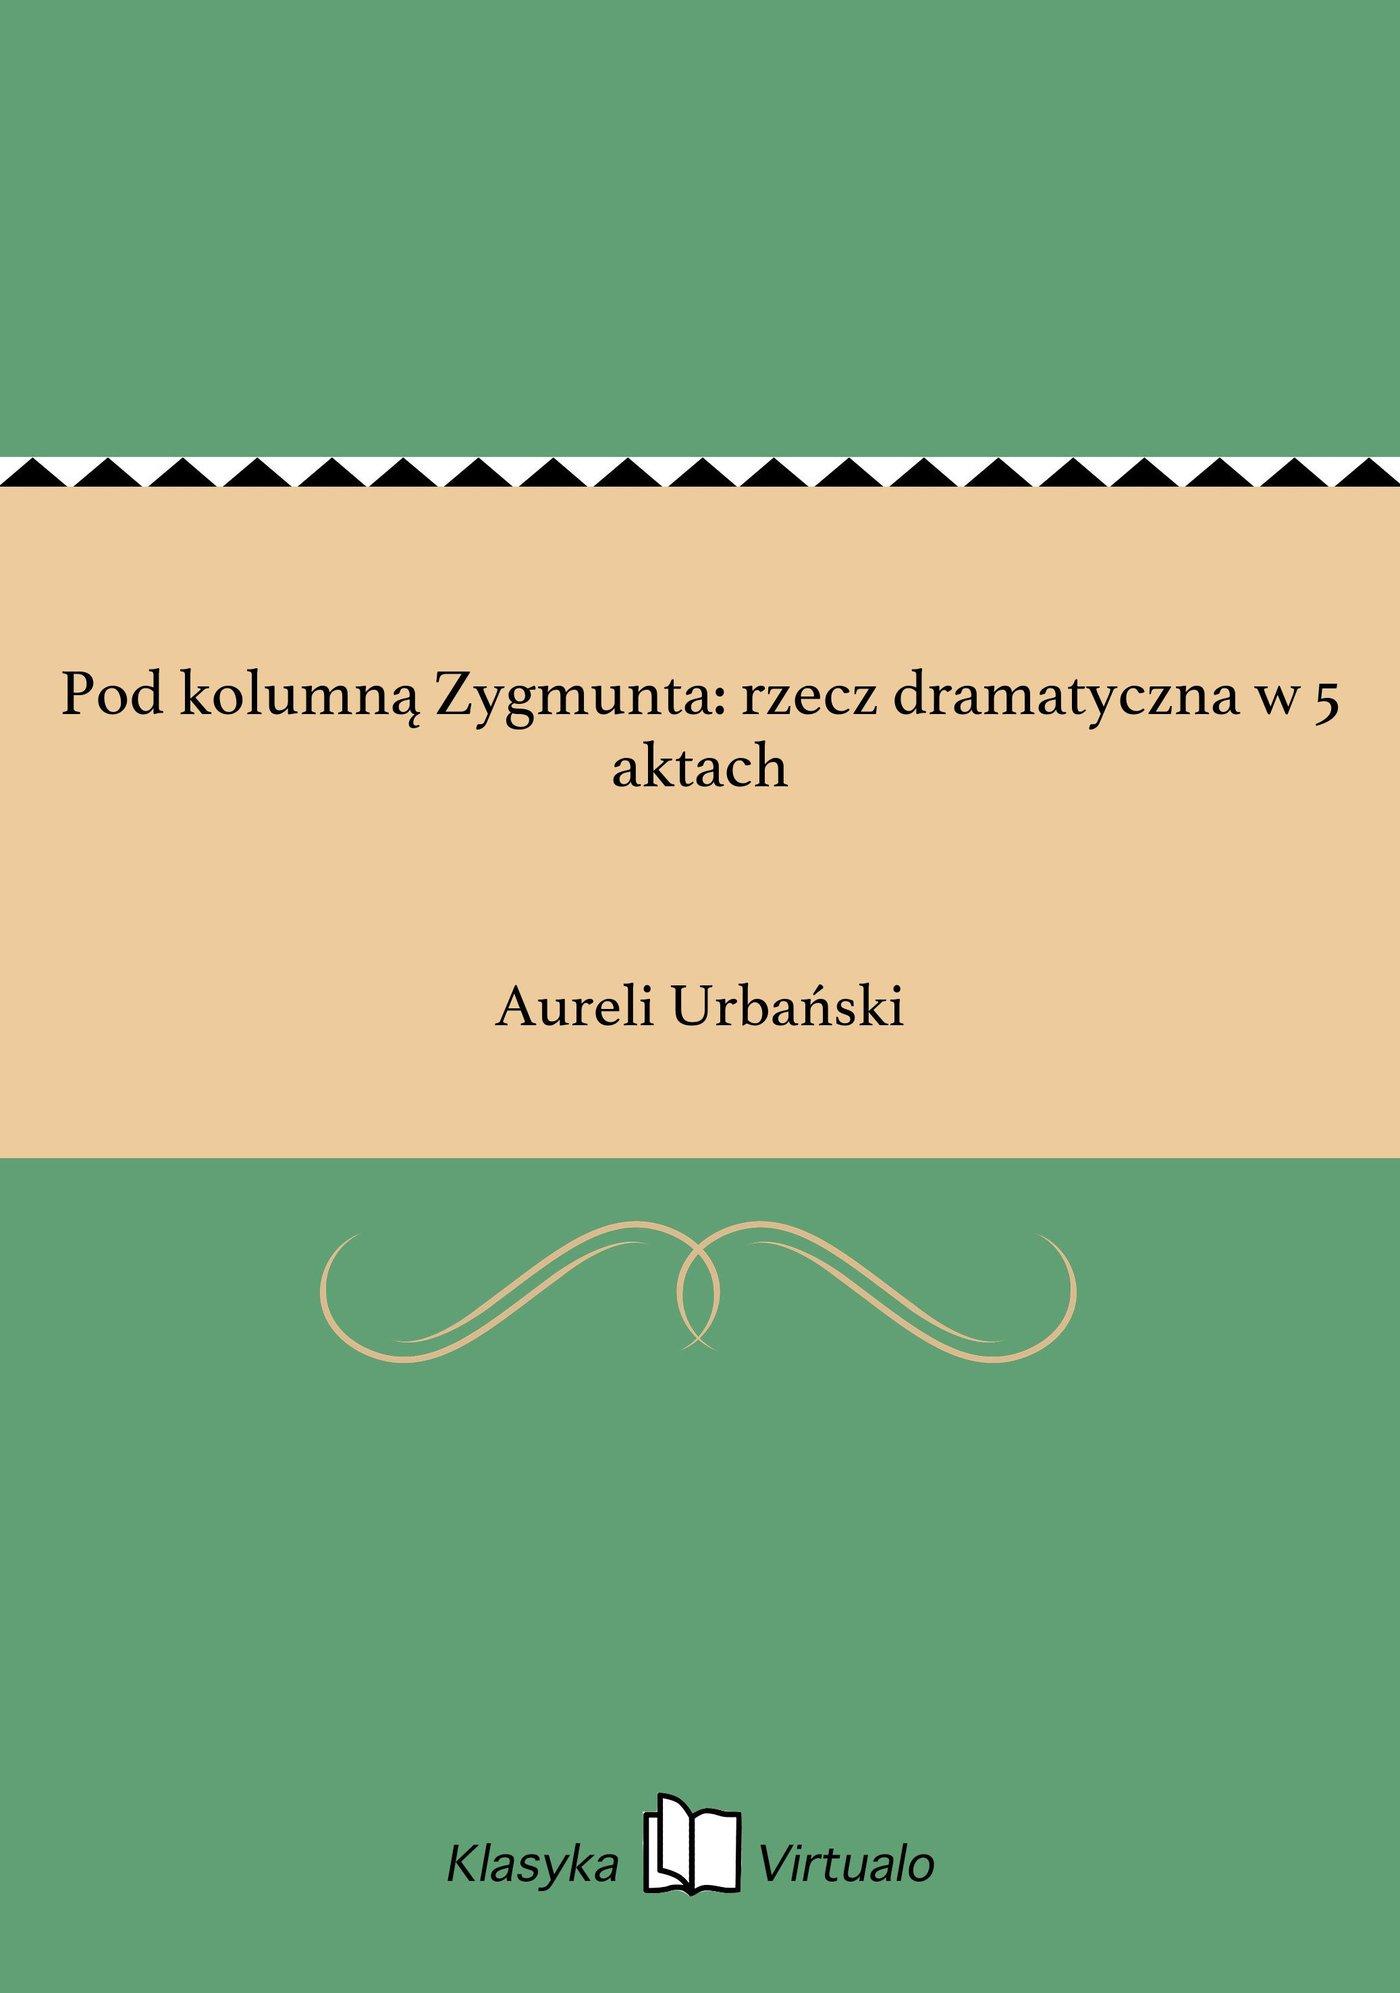 Pod kolumną Zygmunta: rzecz dramatyczna w 5 aktach - Ebook (Książka EPUB) do pobrania w formacie EPUB